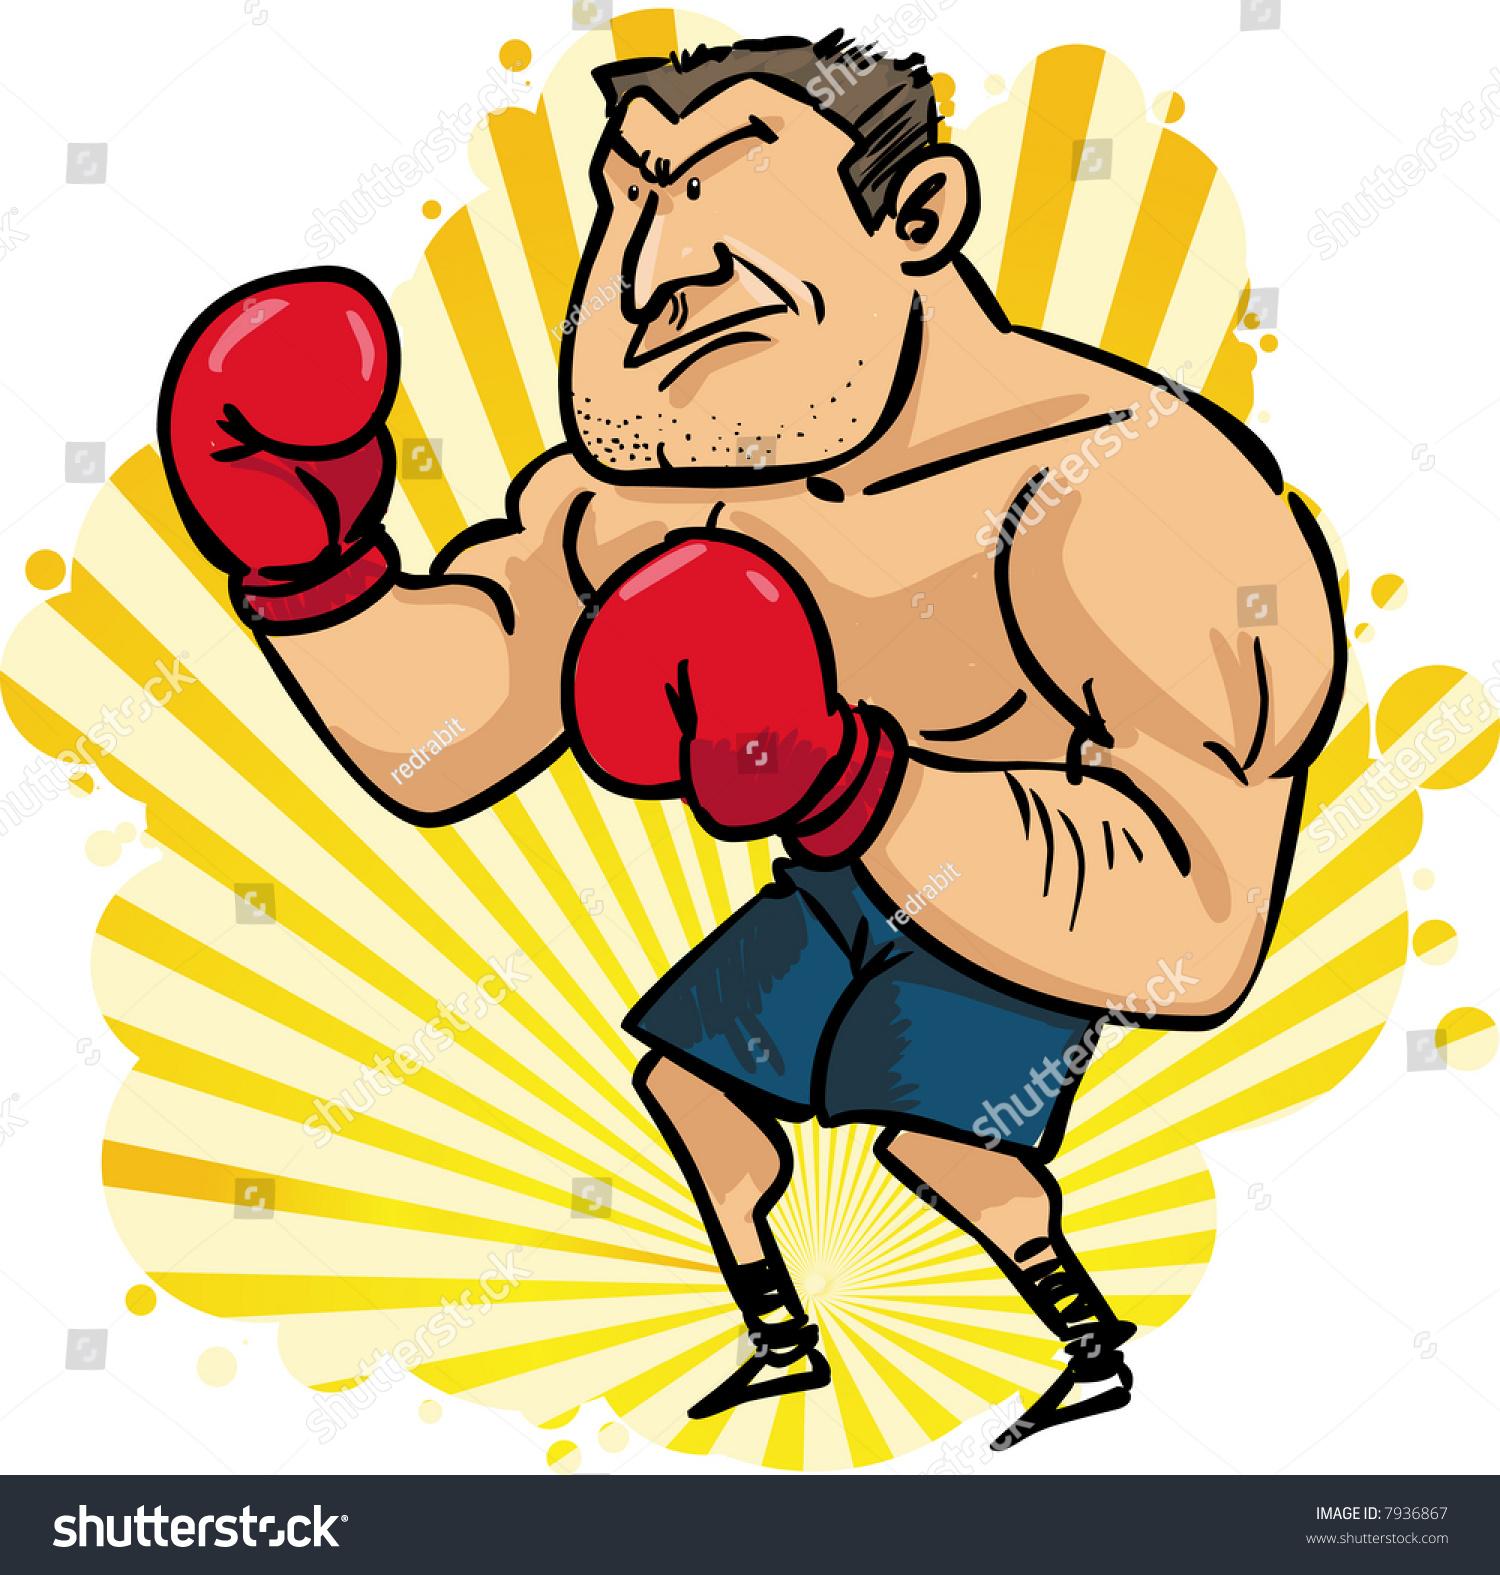 权力的拳击手-运动/娱乐活动,人物-海洛创意(hellorf)